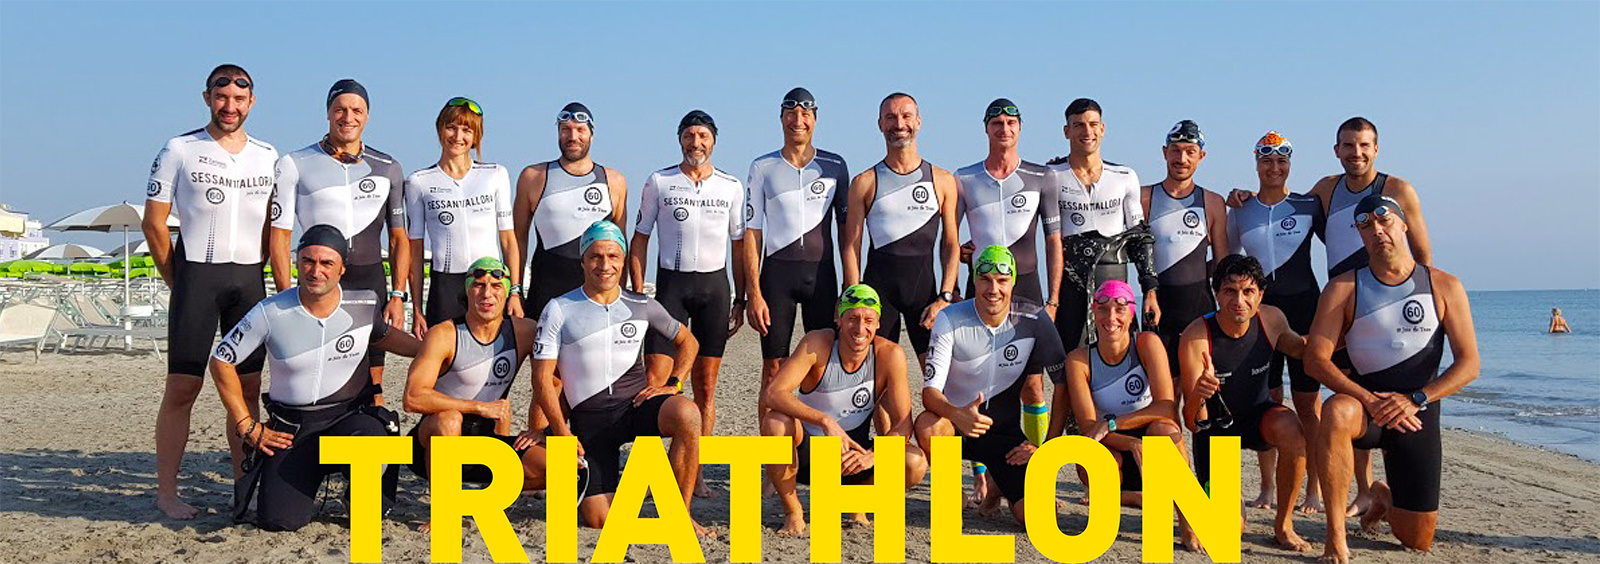 Team Triathlon 2021